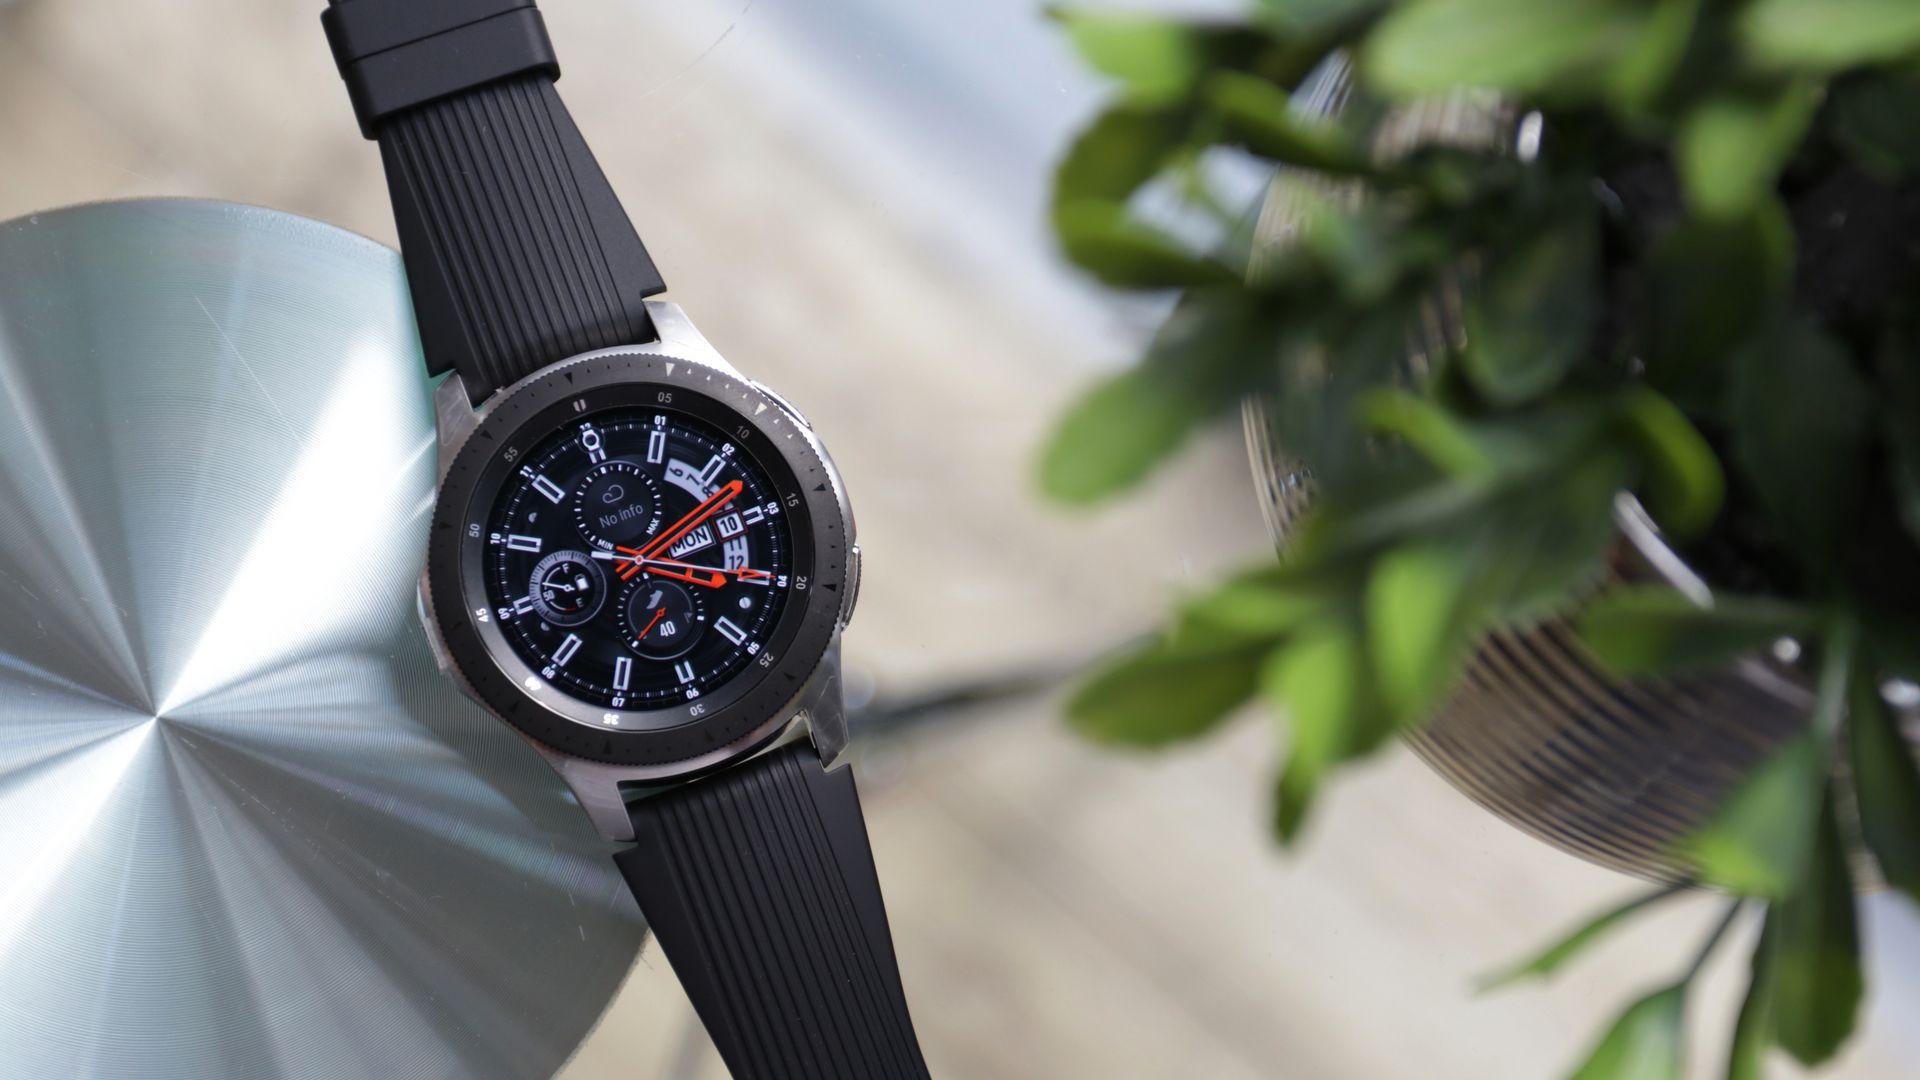 Galaxy Watch [foto] pode receber sucessor, o Galaxy Watch Active 2. (Imagem: Framesira/Shutterstock)